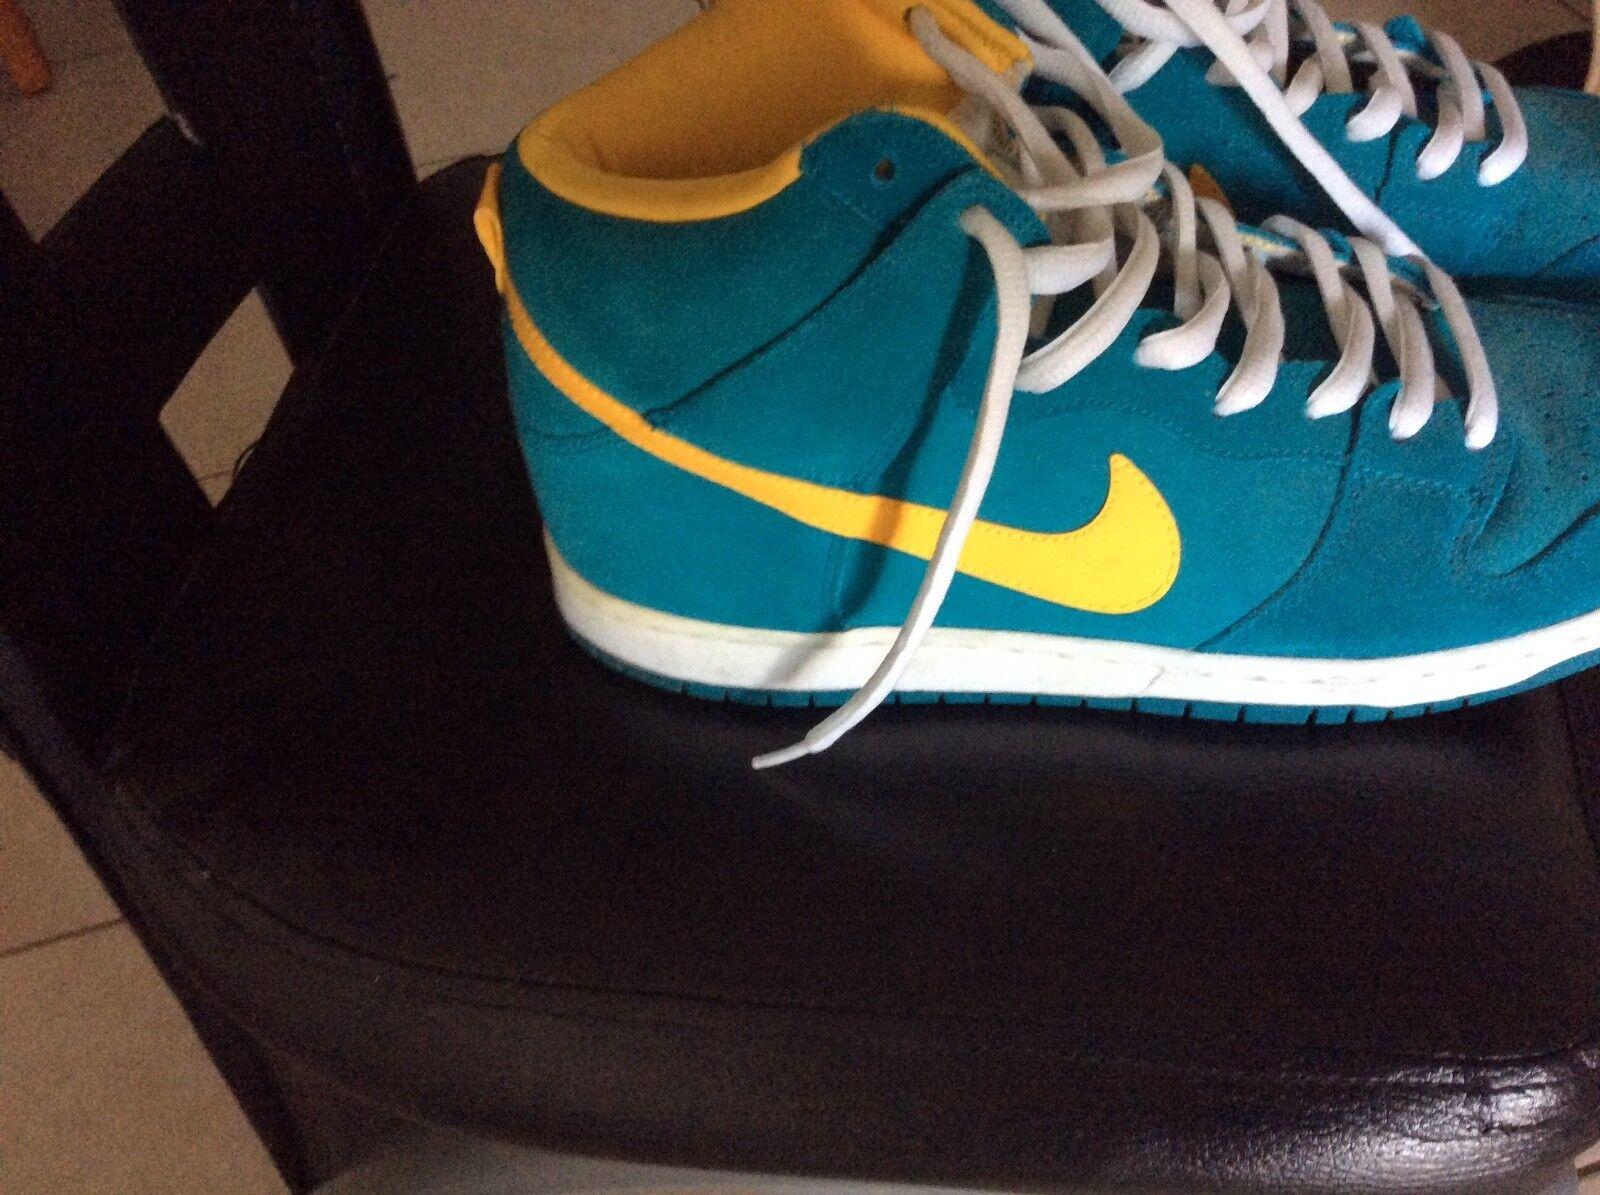 nike dunk aus grün und gelb wie größe 12 frische farbe wie gelb selten dd15ff